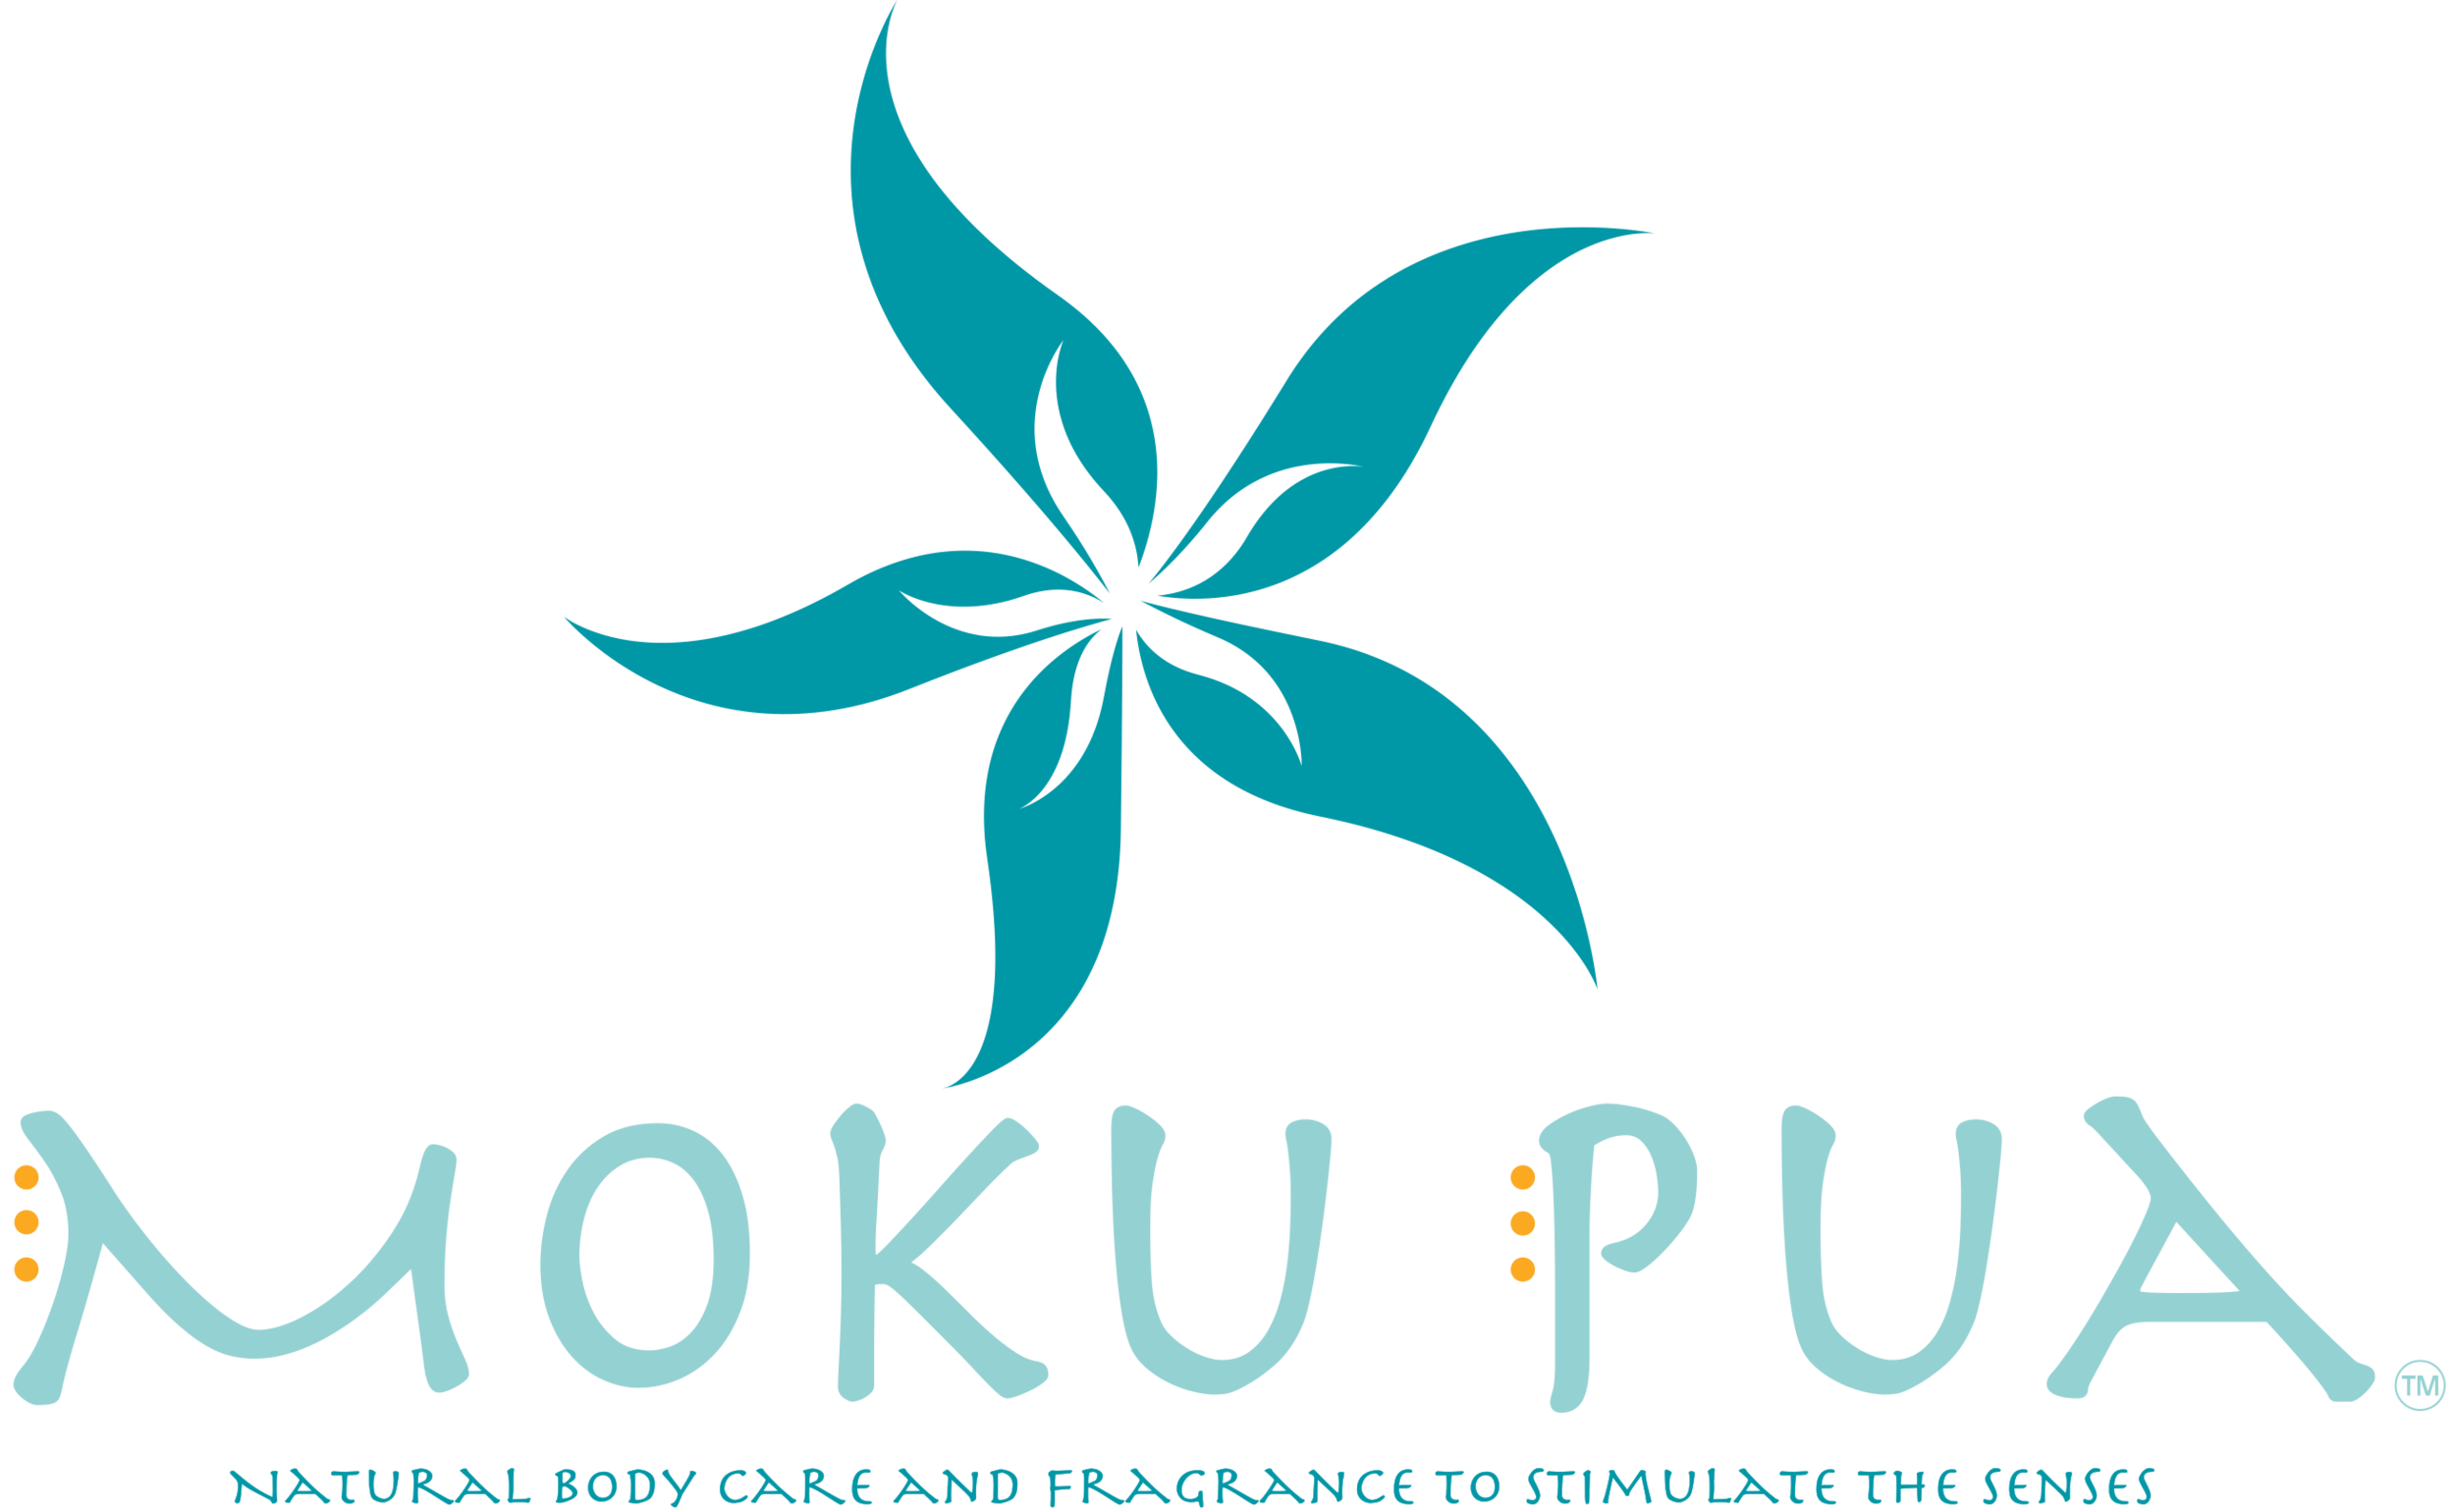 moku pua logo with tag.jpg